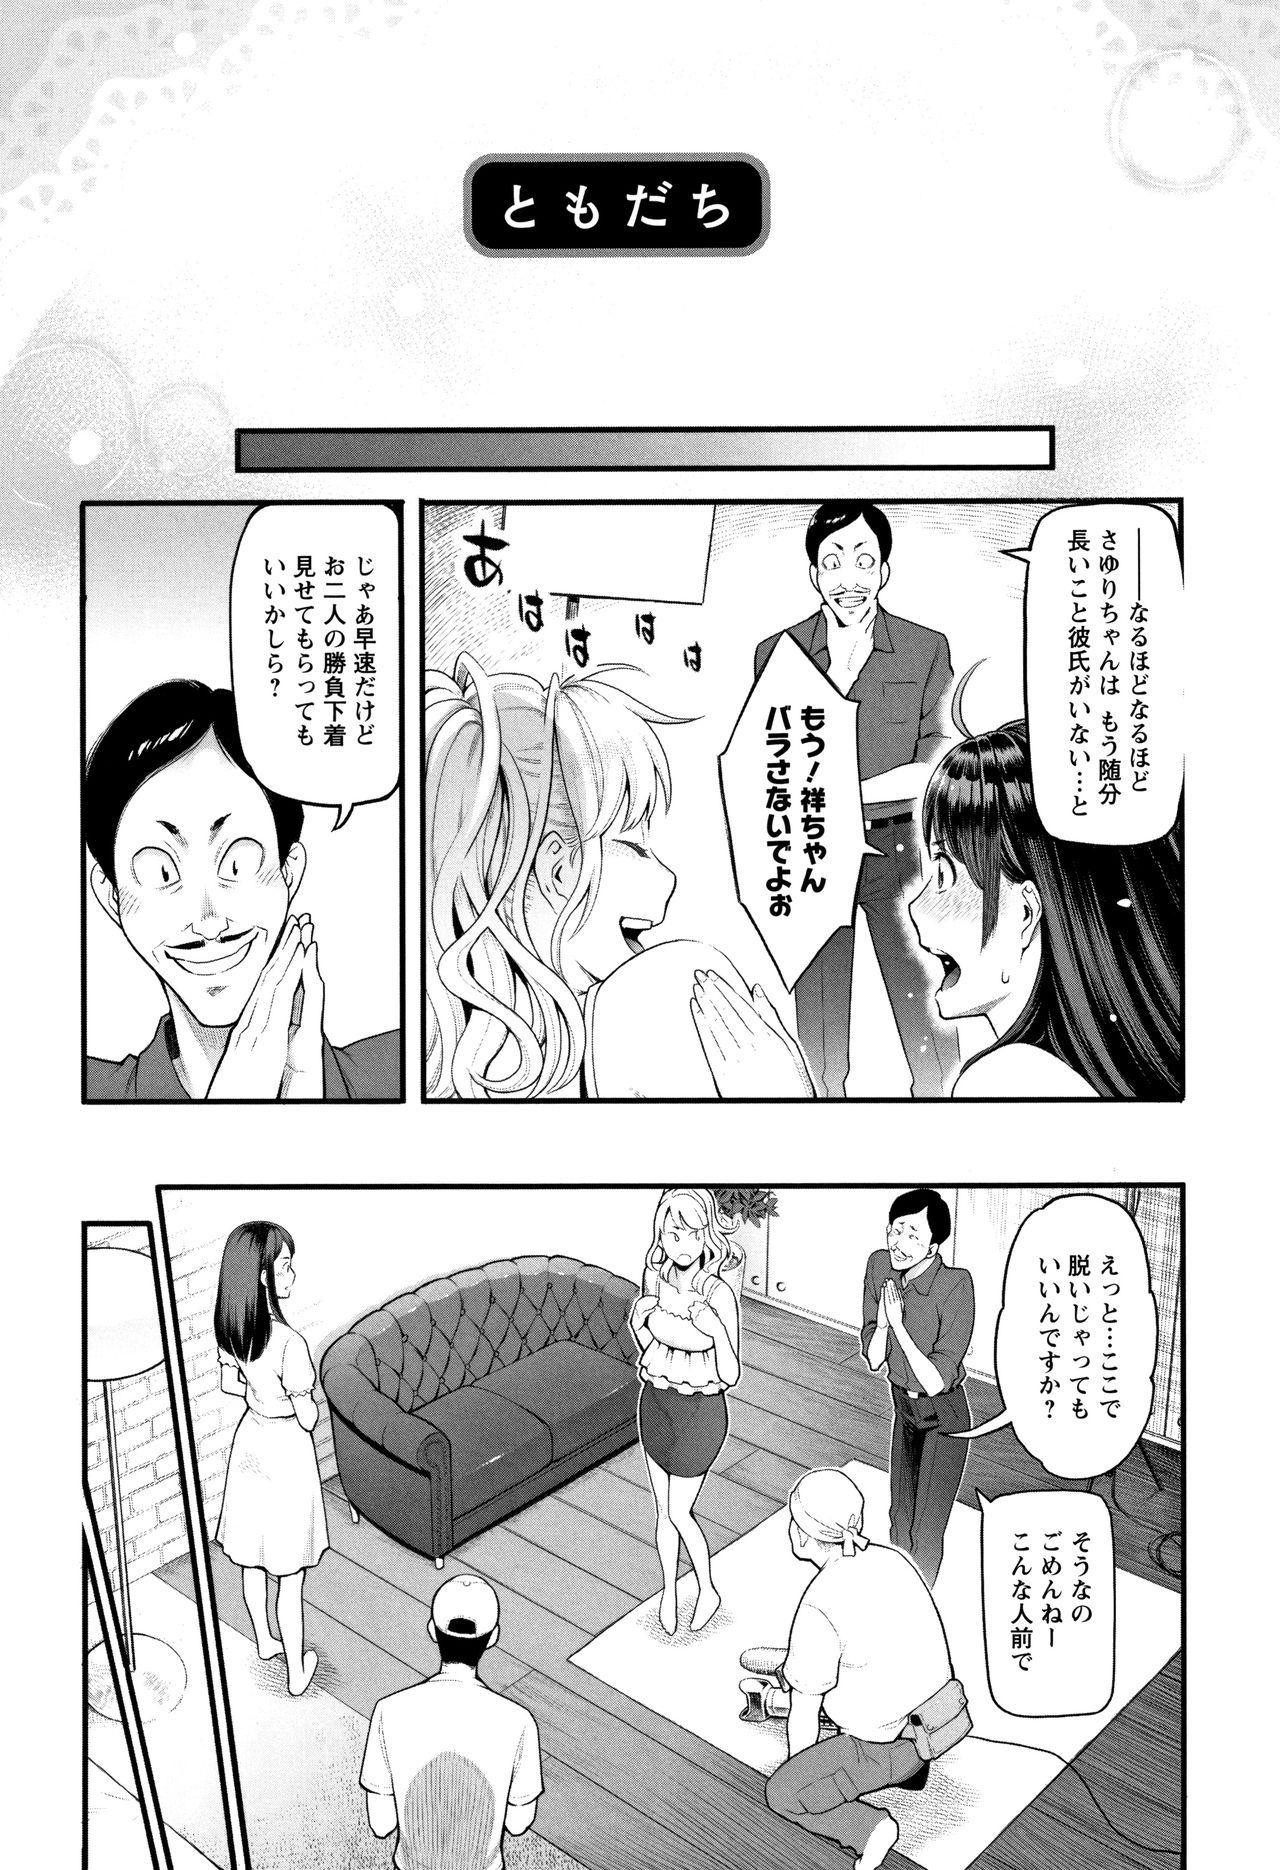 Toketa Risei wa Biyaku no Kaori 24